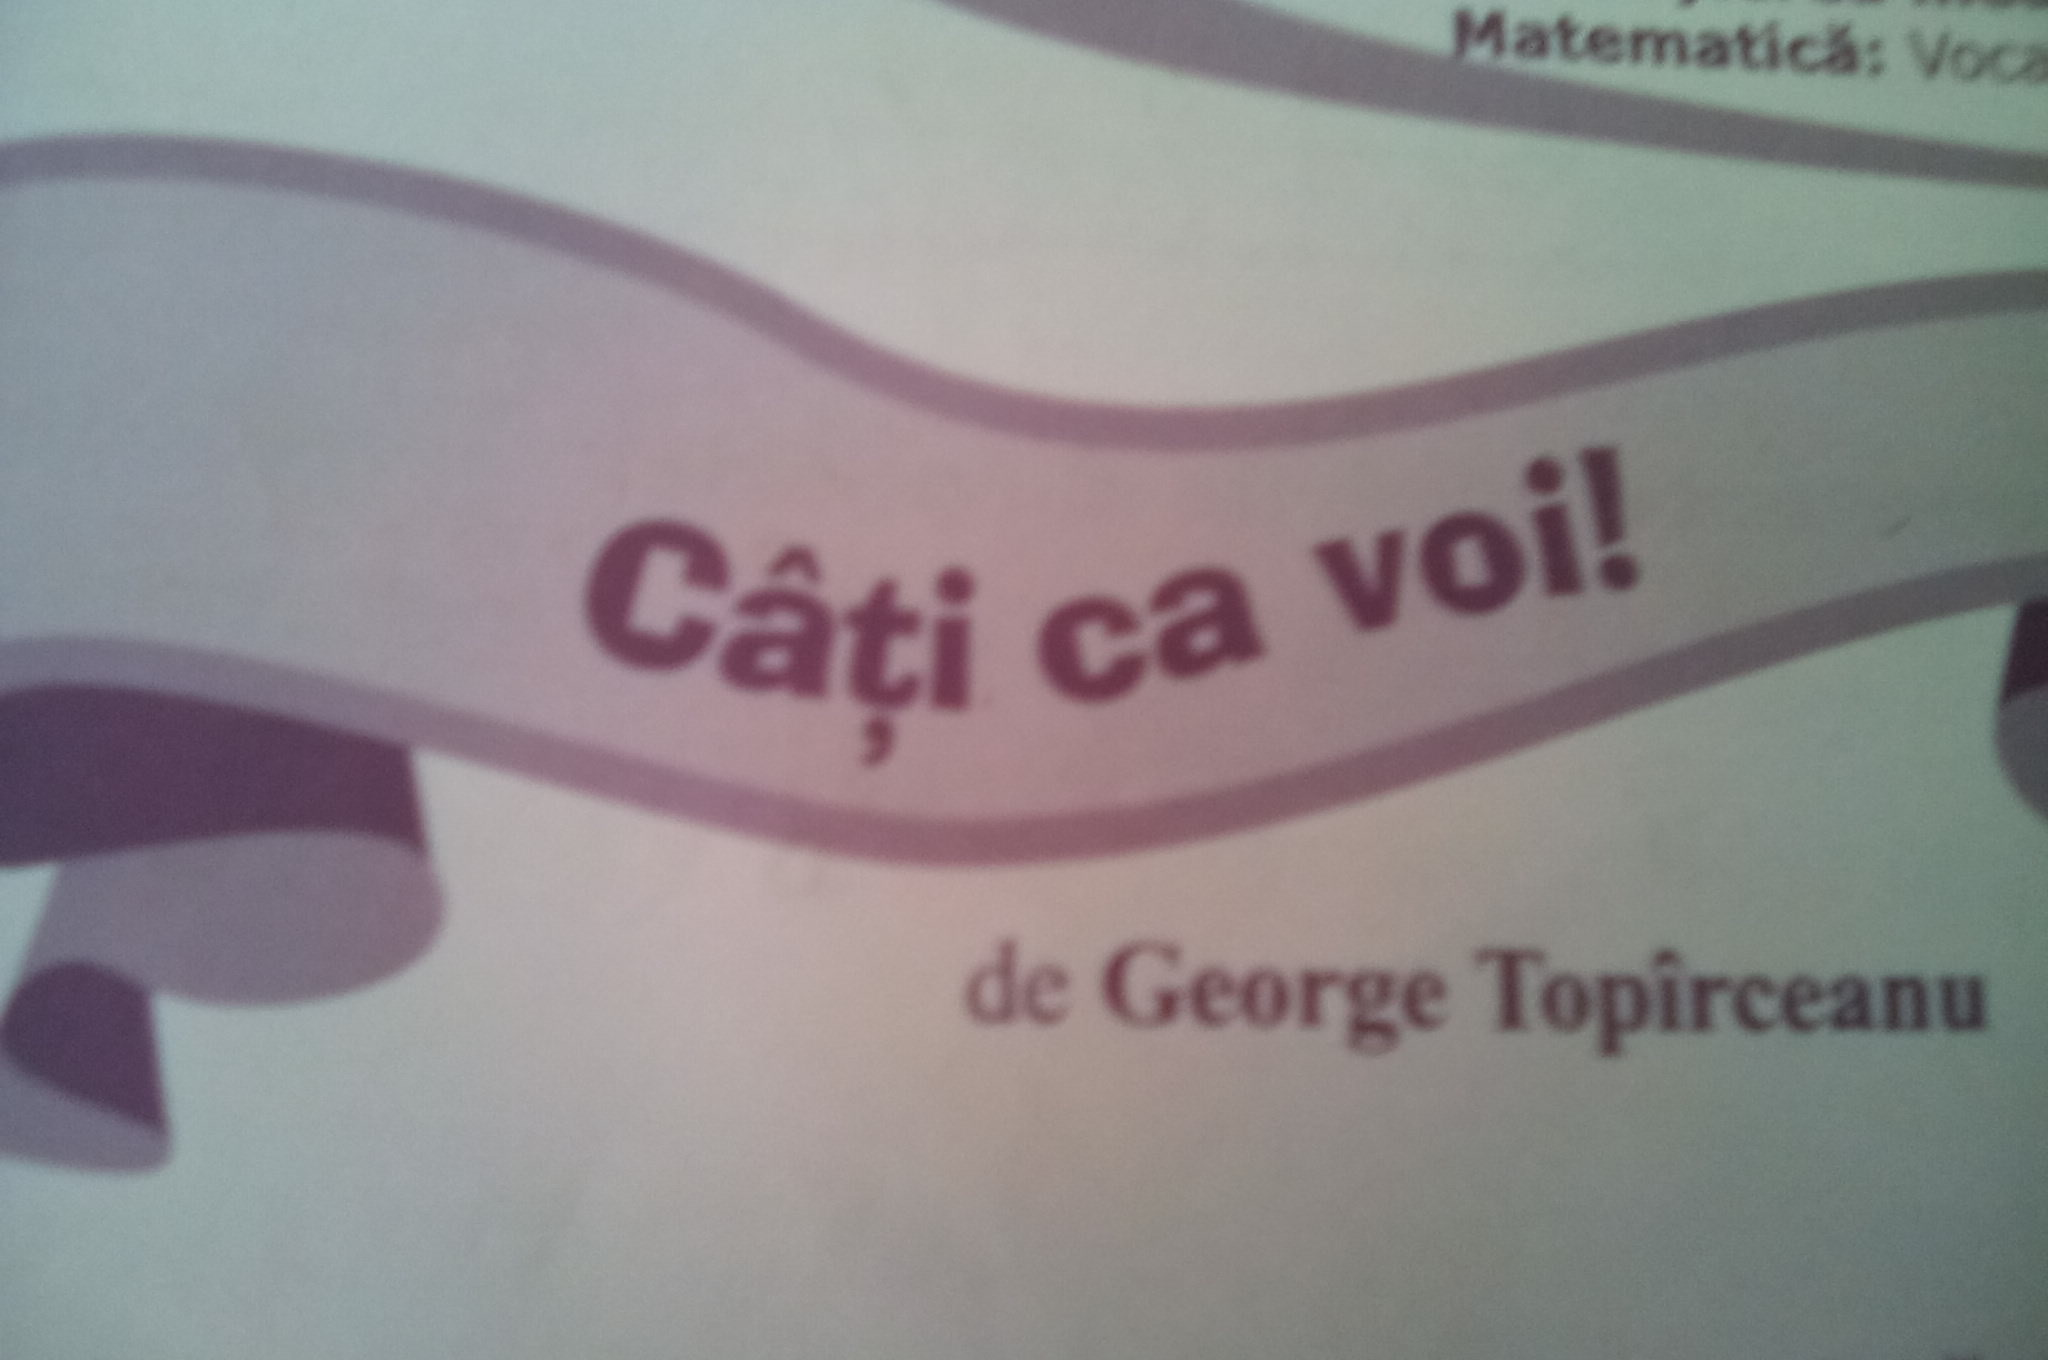 Câți ca voi! de  George Topîrceanu